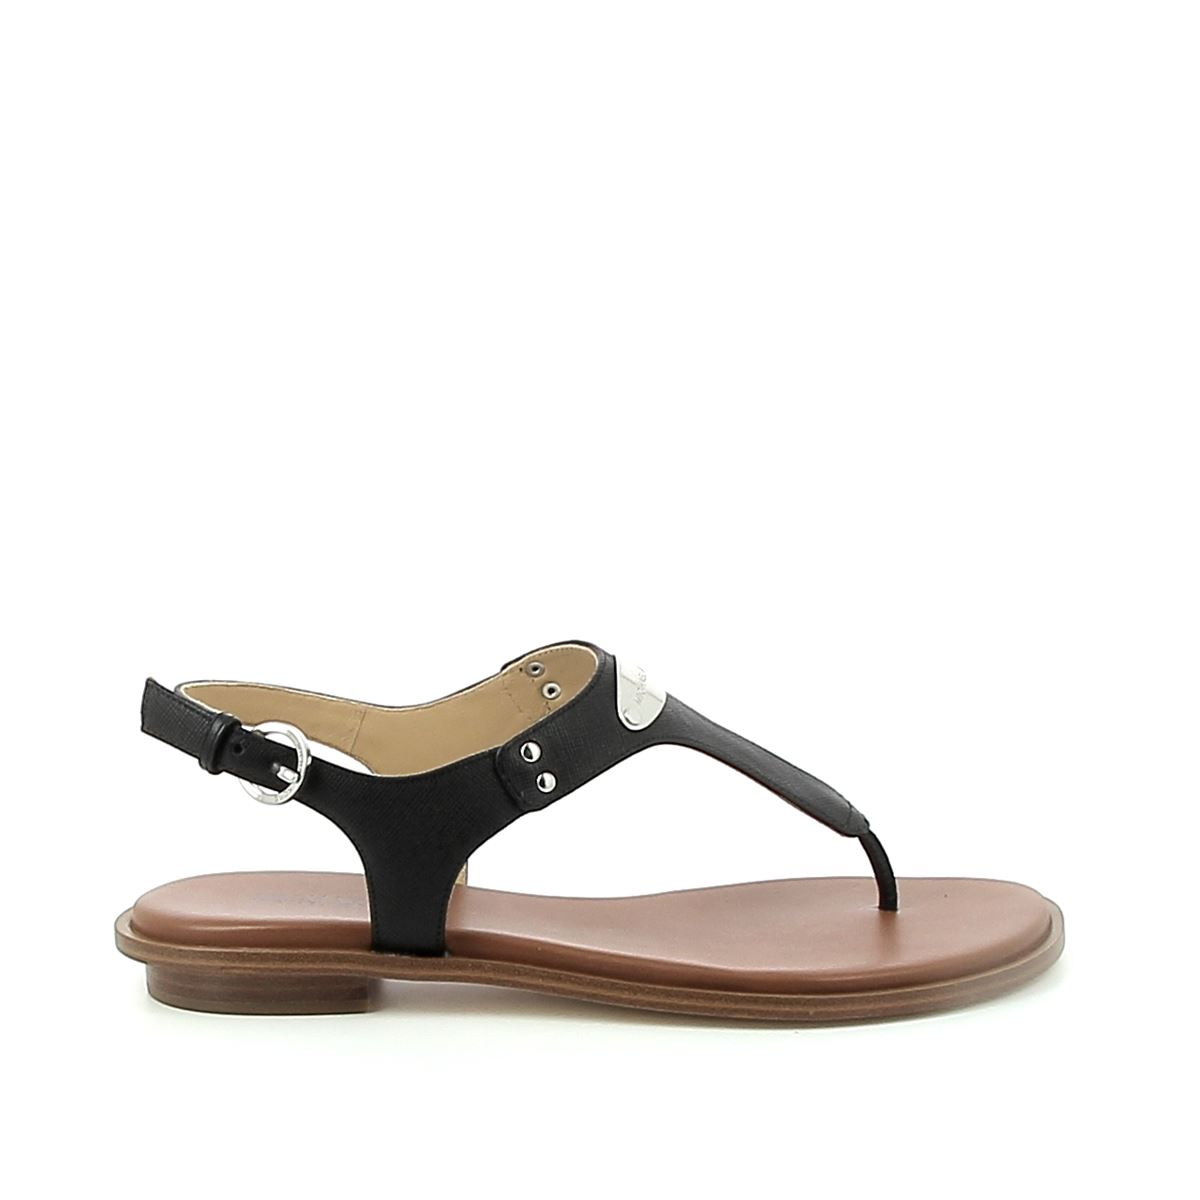 Sandale plate femme MICHAEL KORS MK Plate